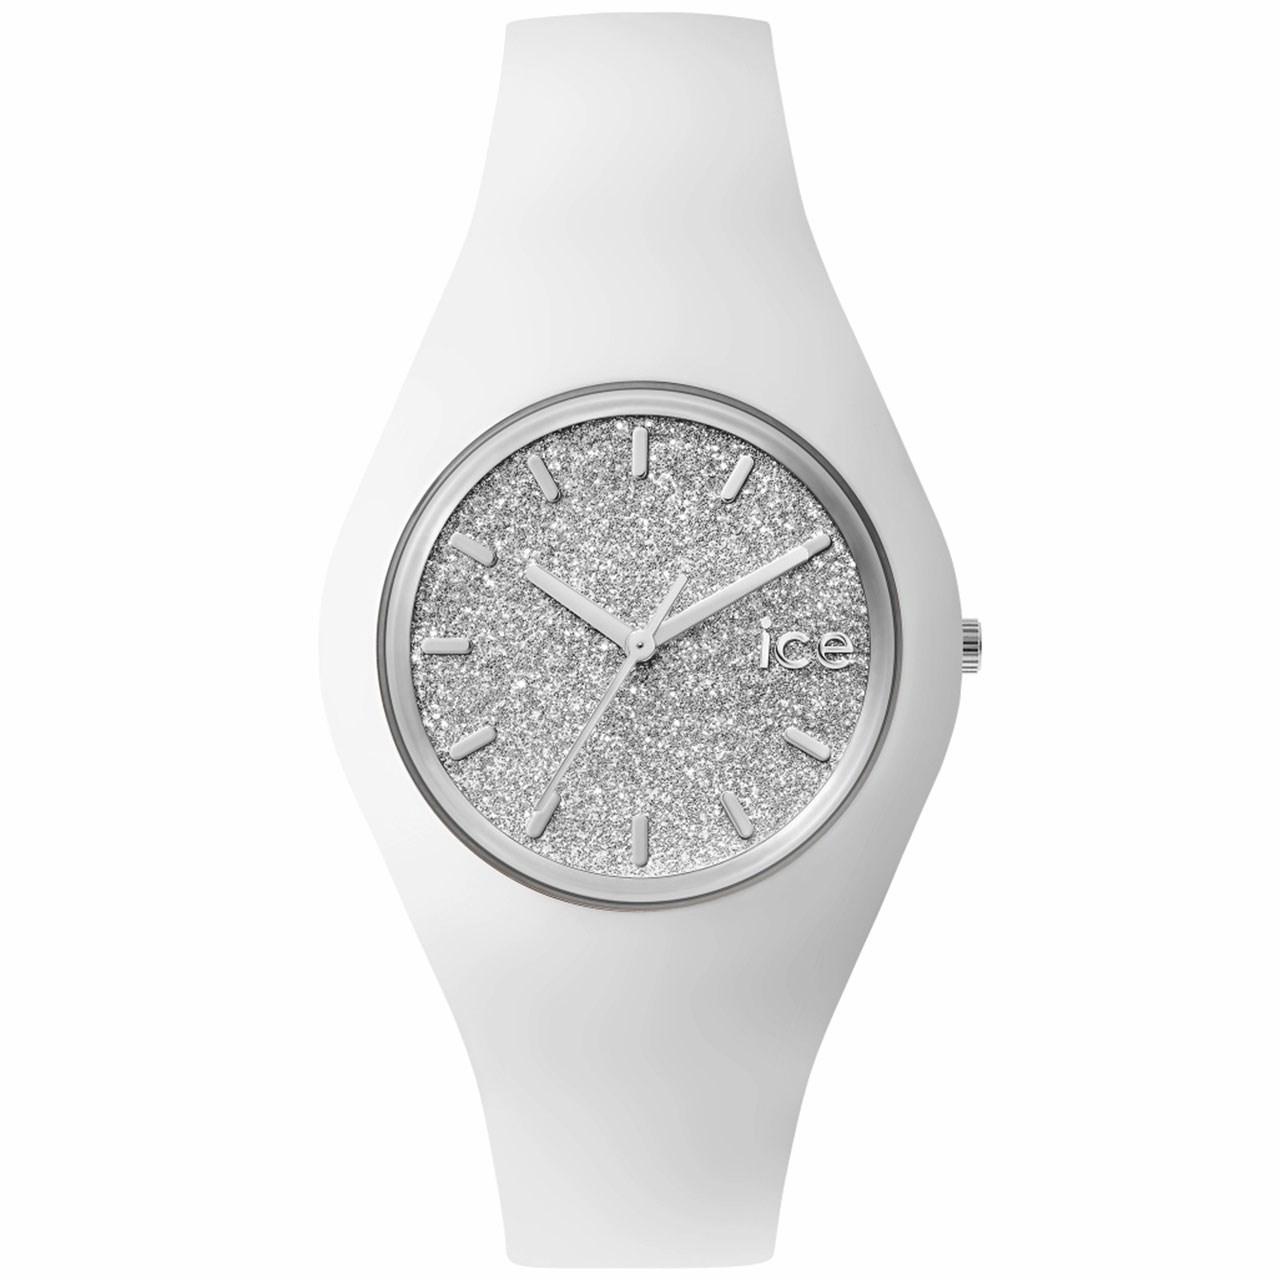 ساعت مچی عقربه ای زنانه آیس واچ مدل ICE.GT.WSR.S.S.15